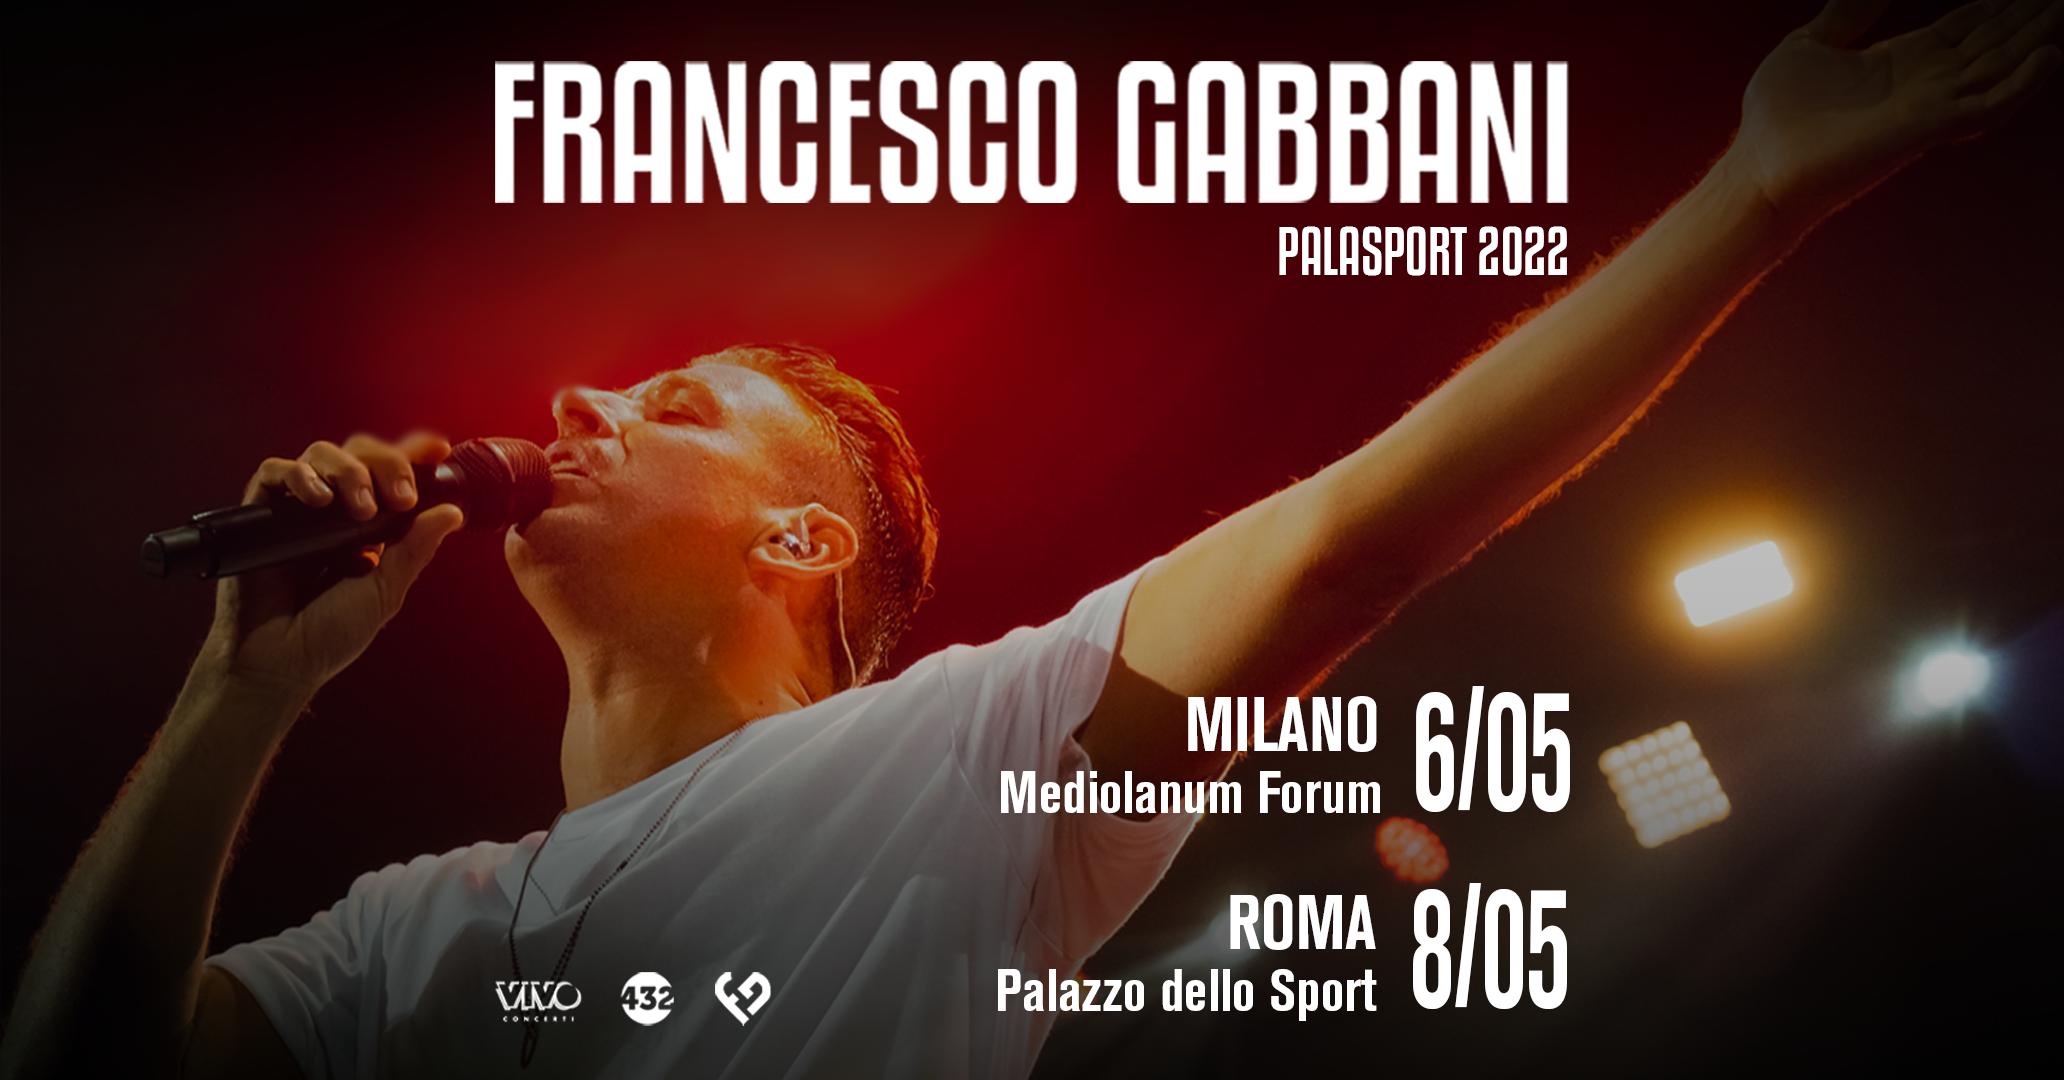 Concerti Francesco Gabbani nel 2022: date, biglietti e come arrivare